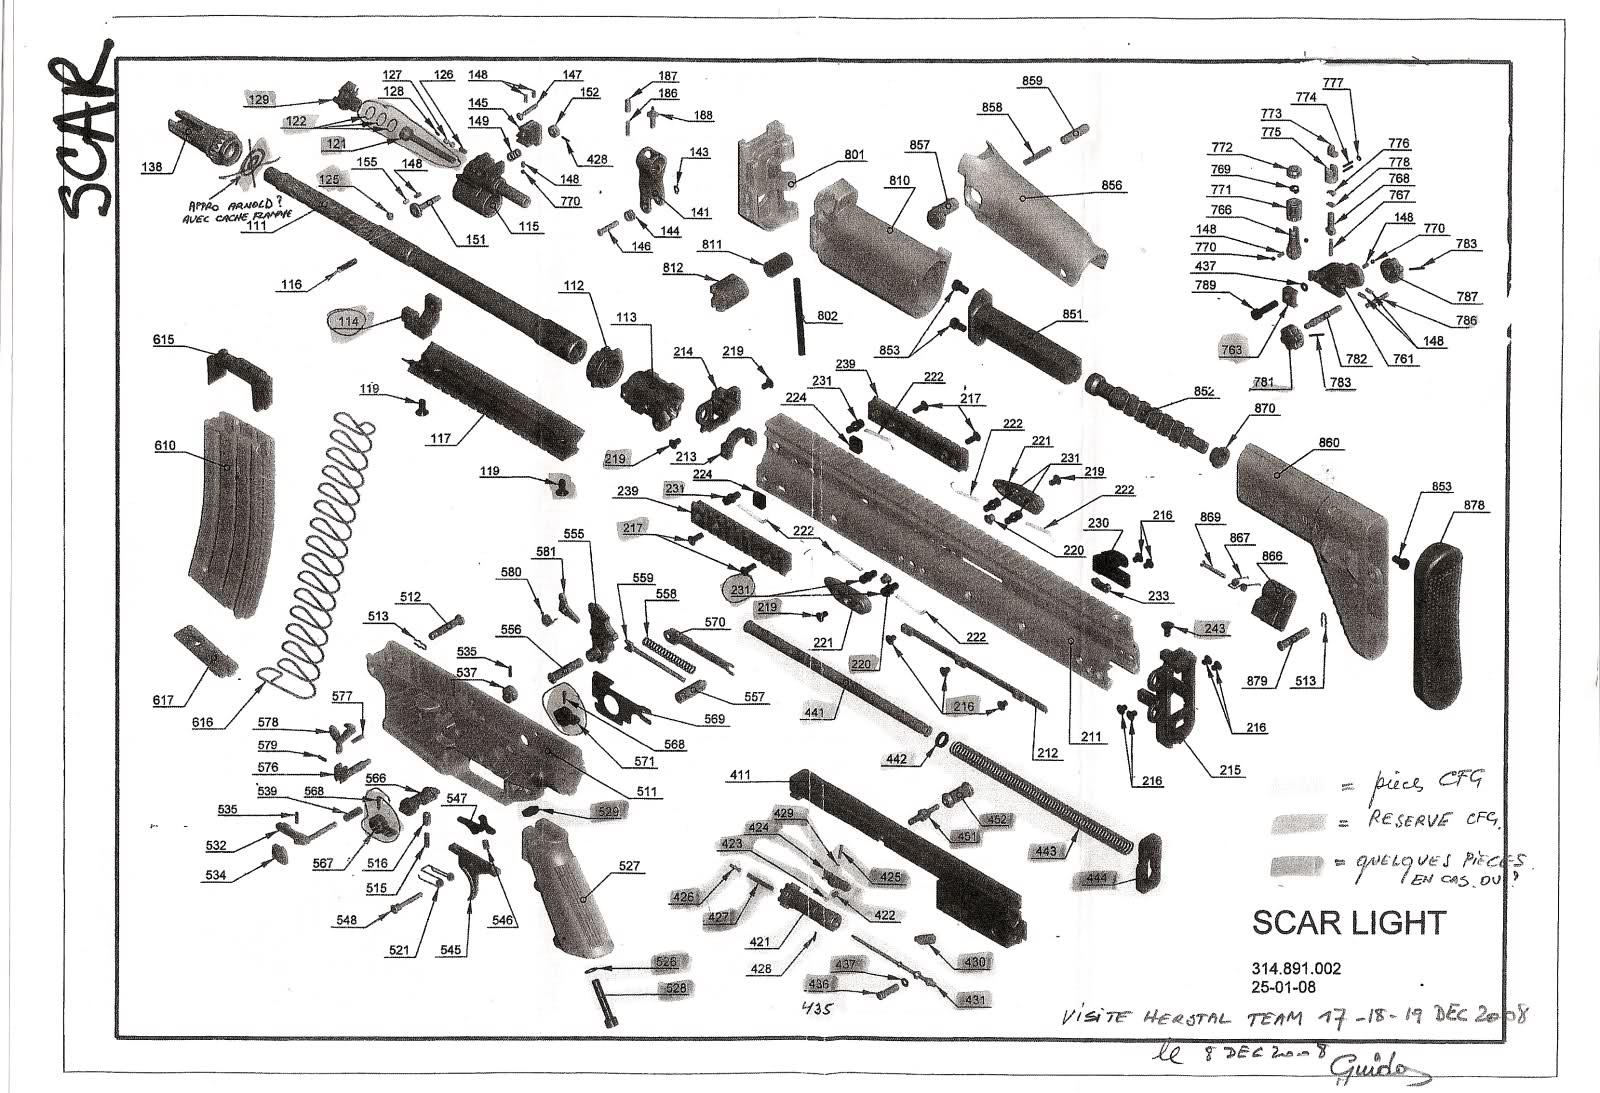 ar 10 schematic  | autospecsinfo.com